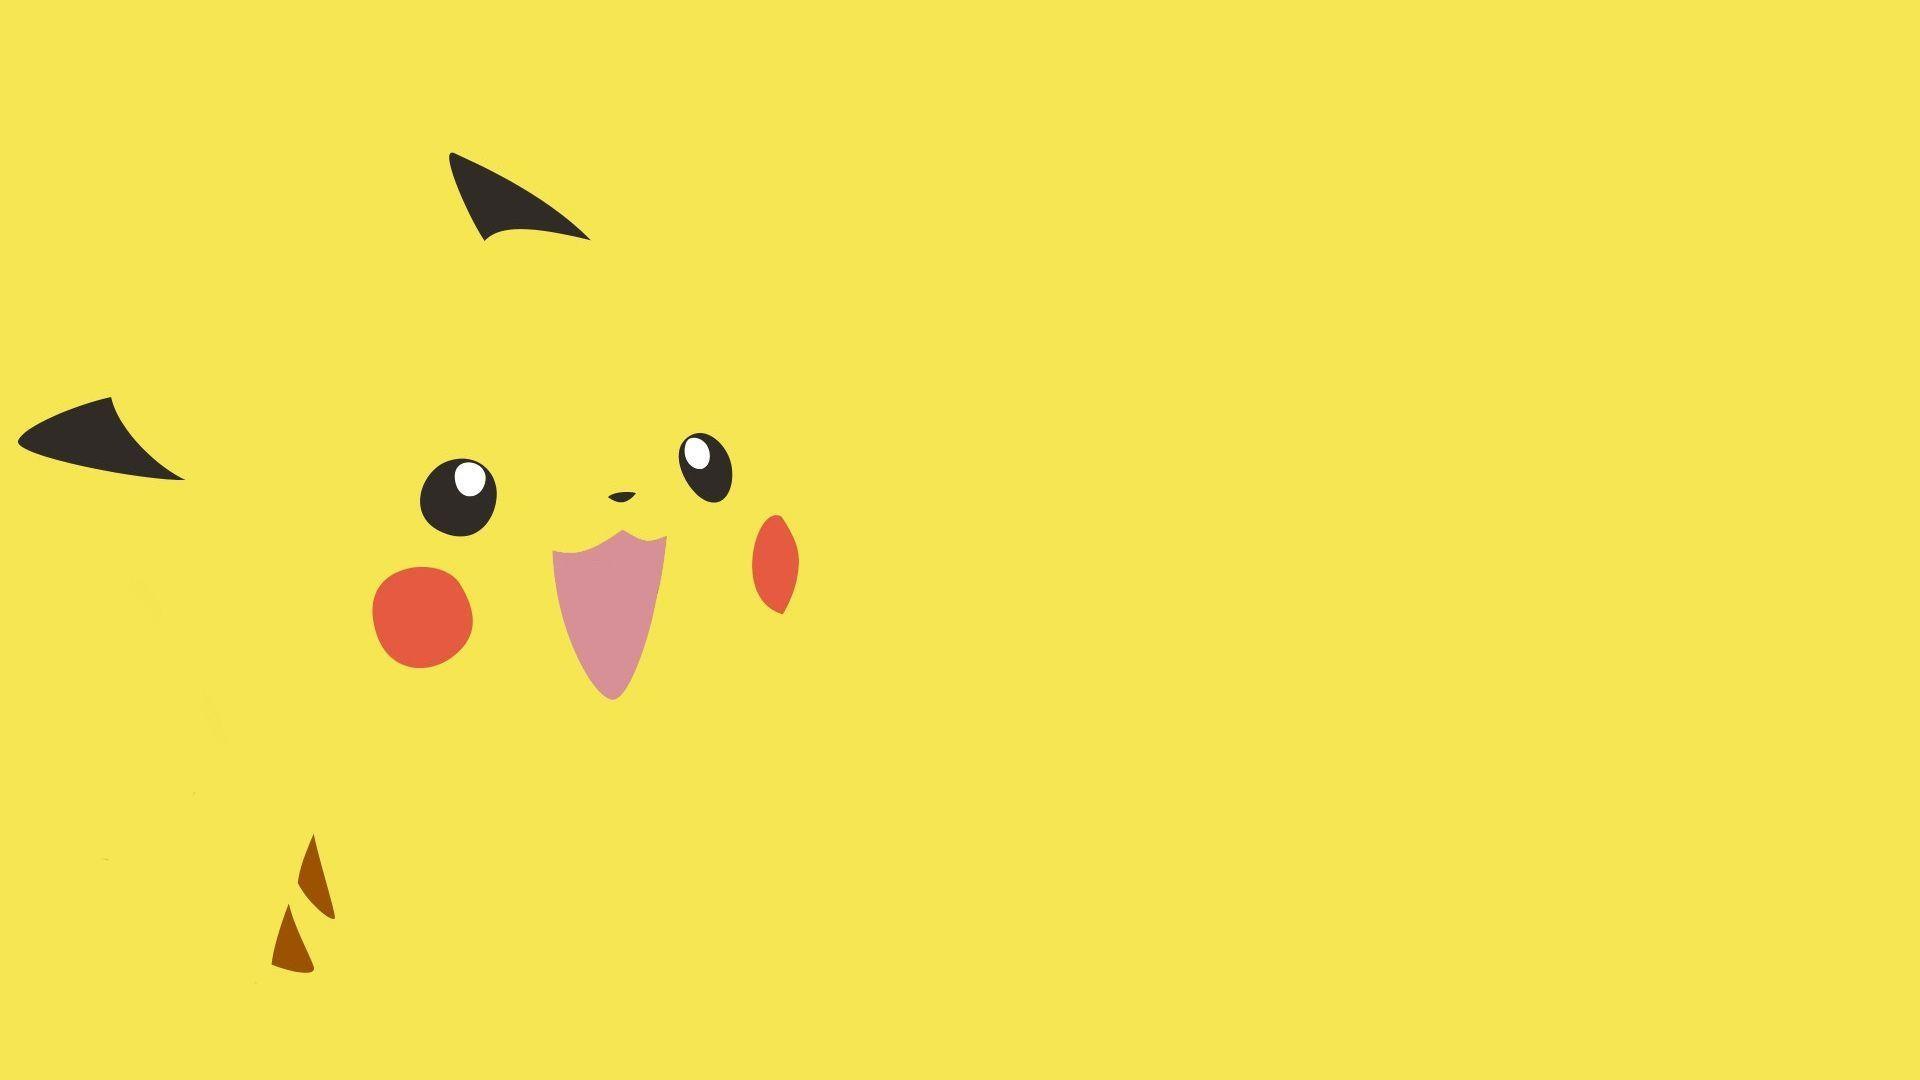 pikachu Wallpaper   Hot HD Wallpaper